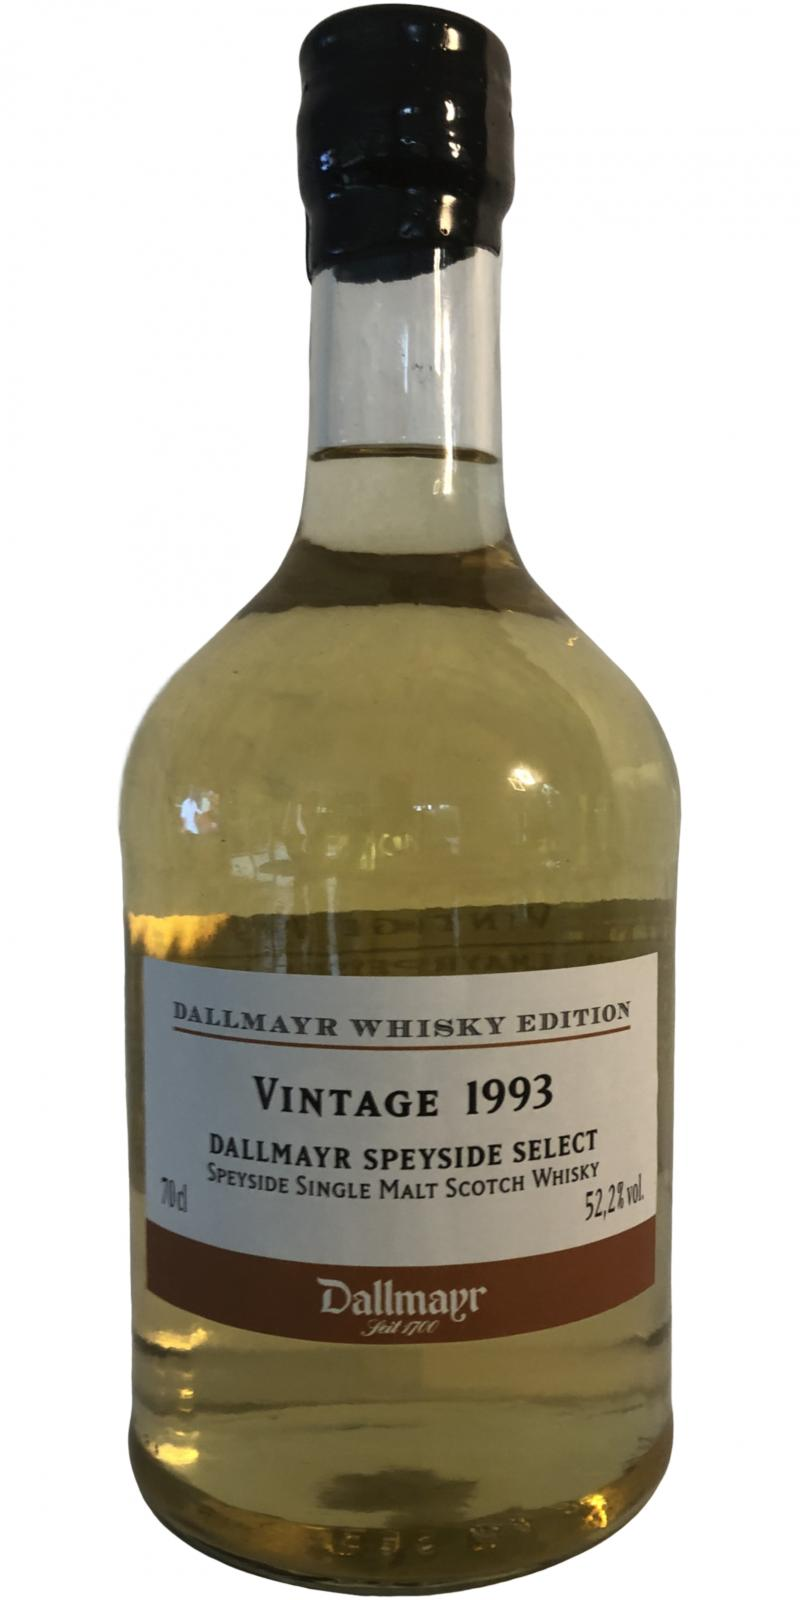 Dallmayr Speyside Select 1993 Dyr